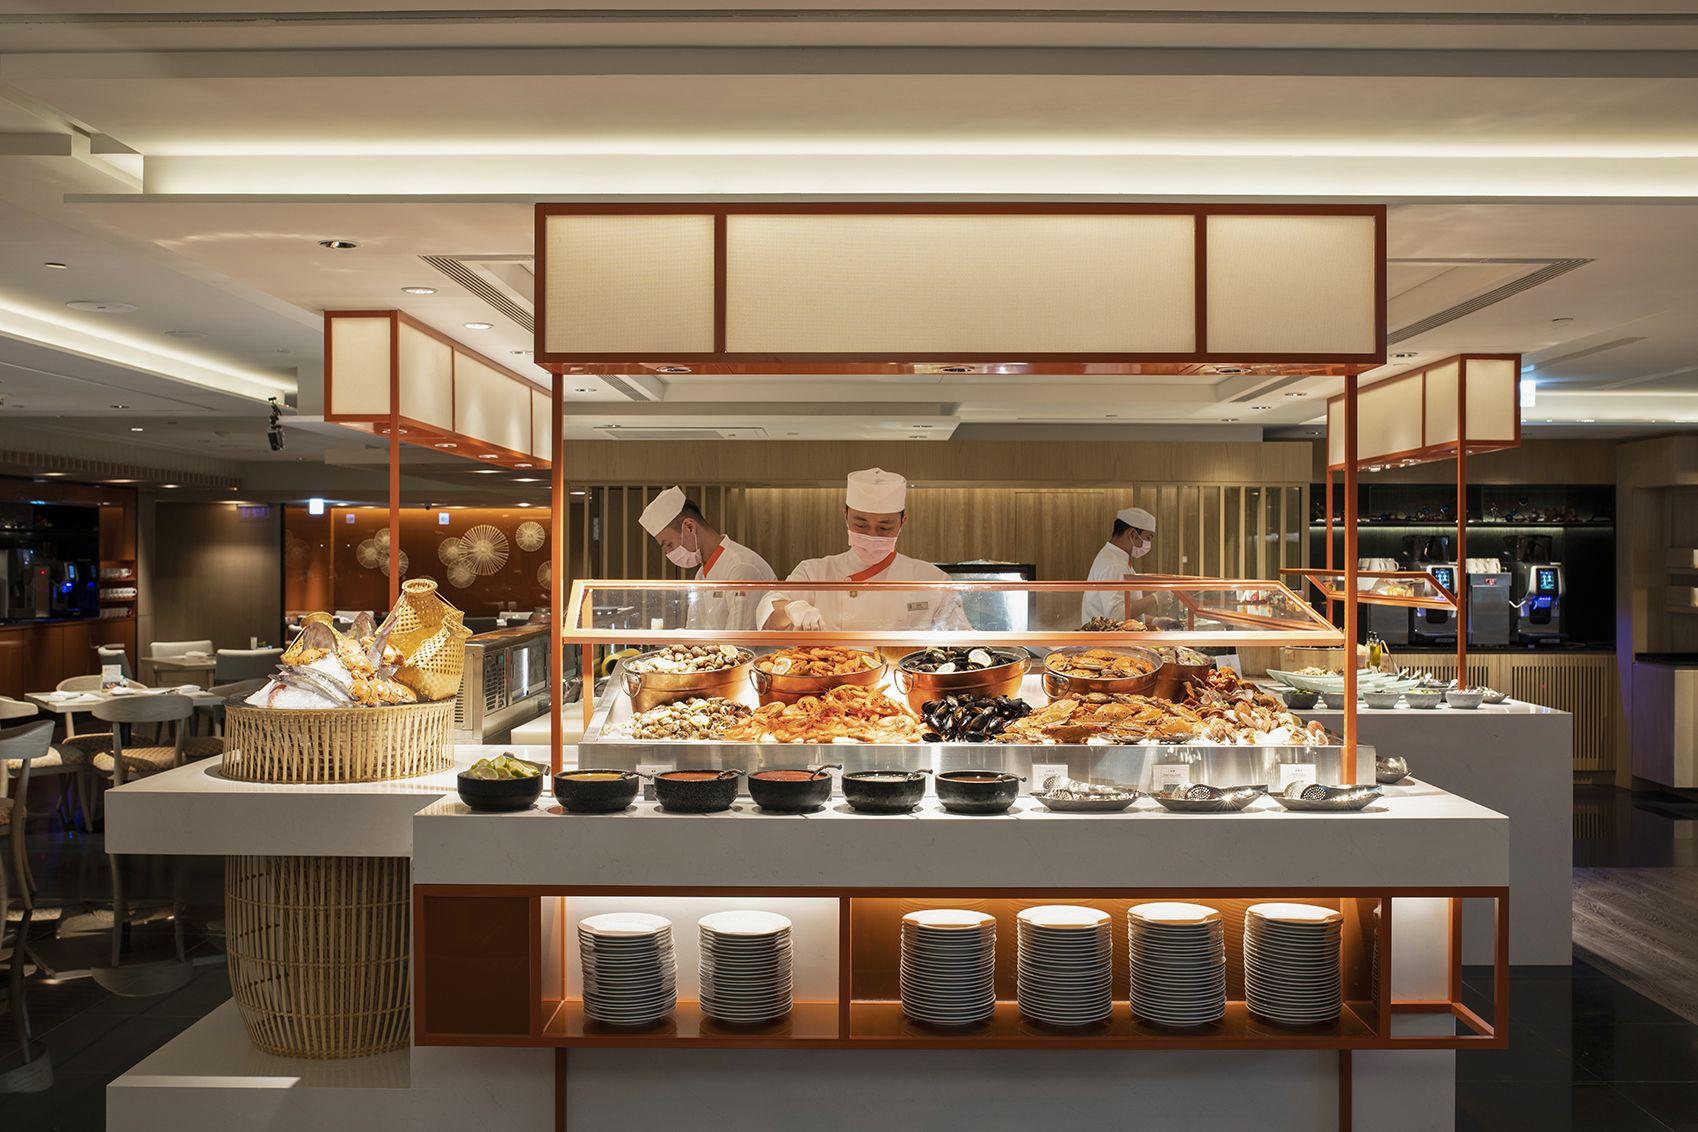 香格里拉台北遠東飯店的遠東 Café 自助餐廳重新改裝